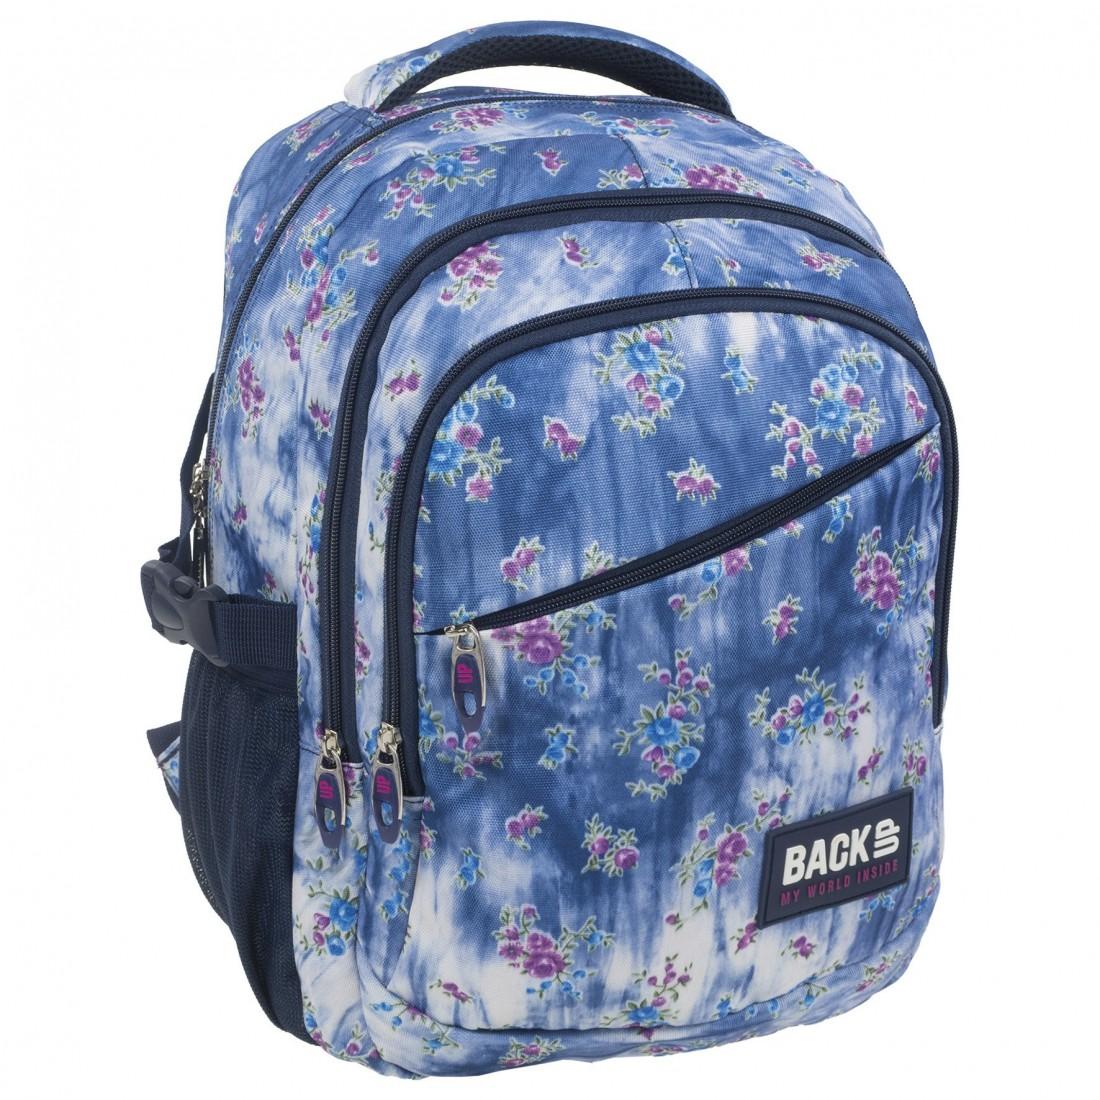 4fc8b26692793 Plecak szkolny dziewczęcy marmurkowy jeans i kwiatki BackUP G 44 ...